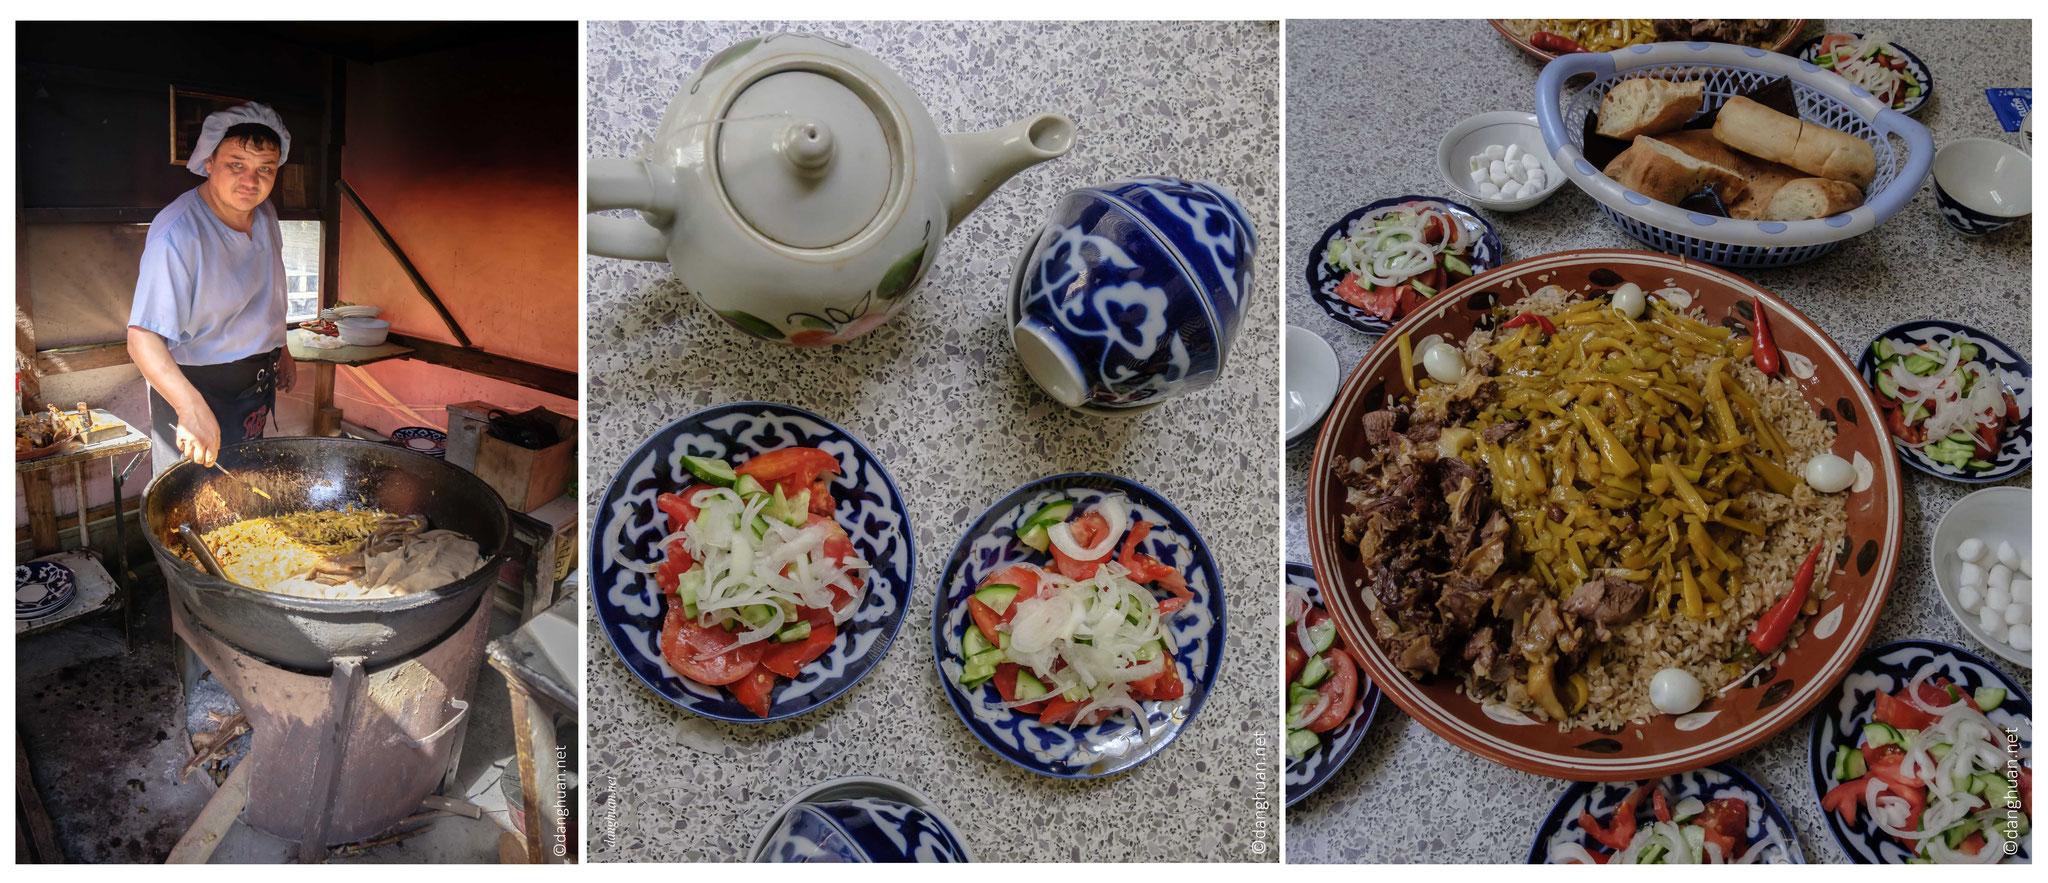 Plov : plat narional Ouzbek, consommé le jeudi et dimanche, est composé de riz, carottes confites, raisin sec, viande (boeuf, mouton, poulet, cheval), piment, huile de coton et de lin, toujours acompagné par une salade